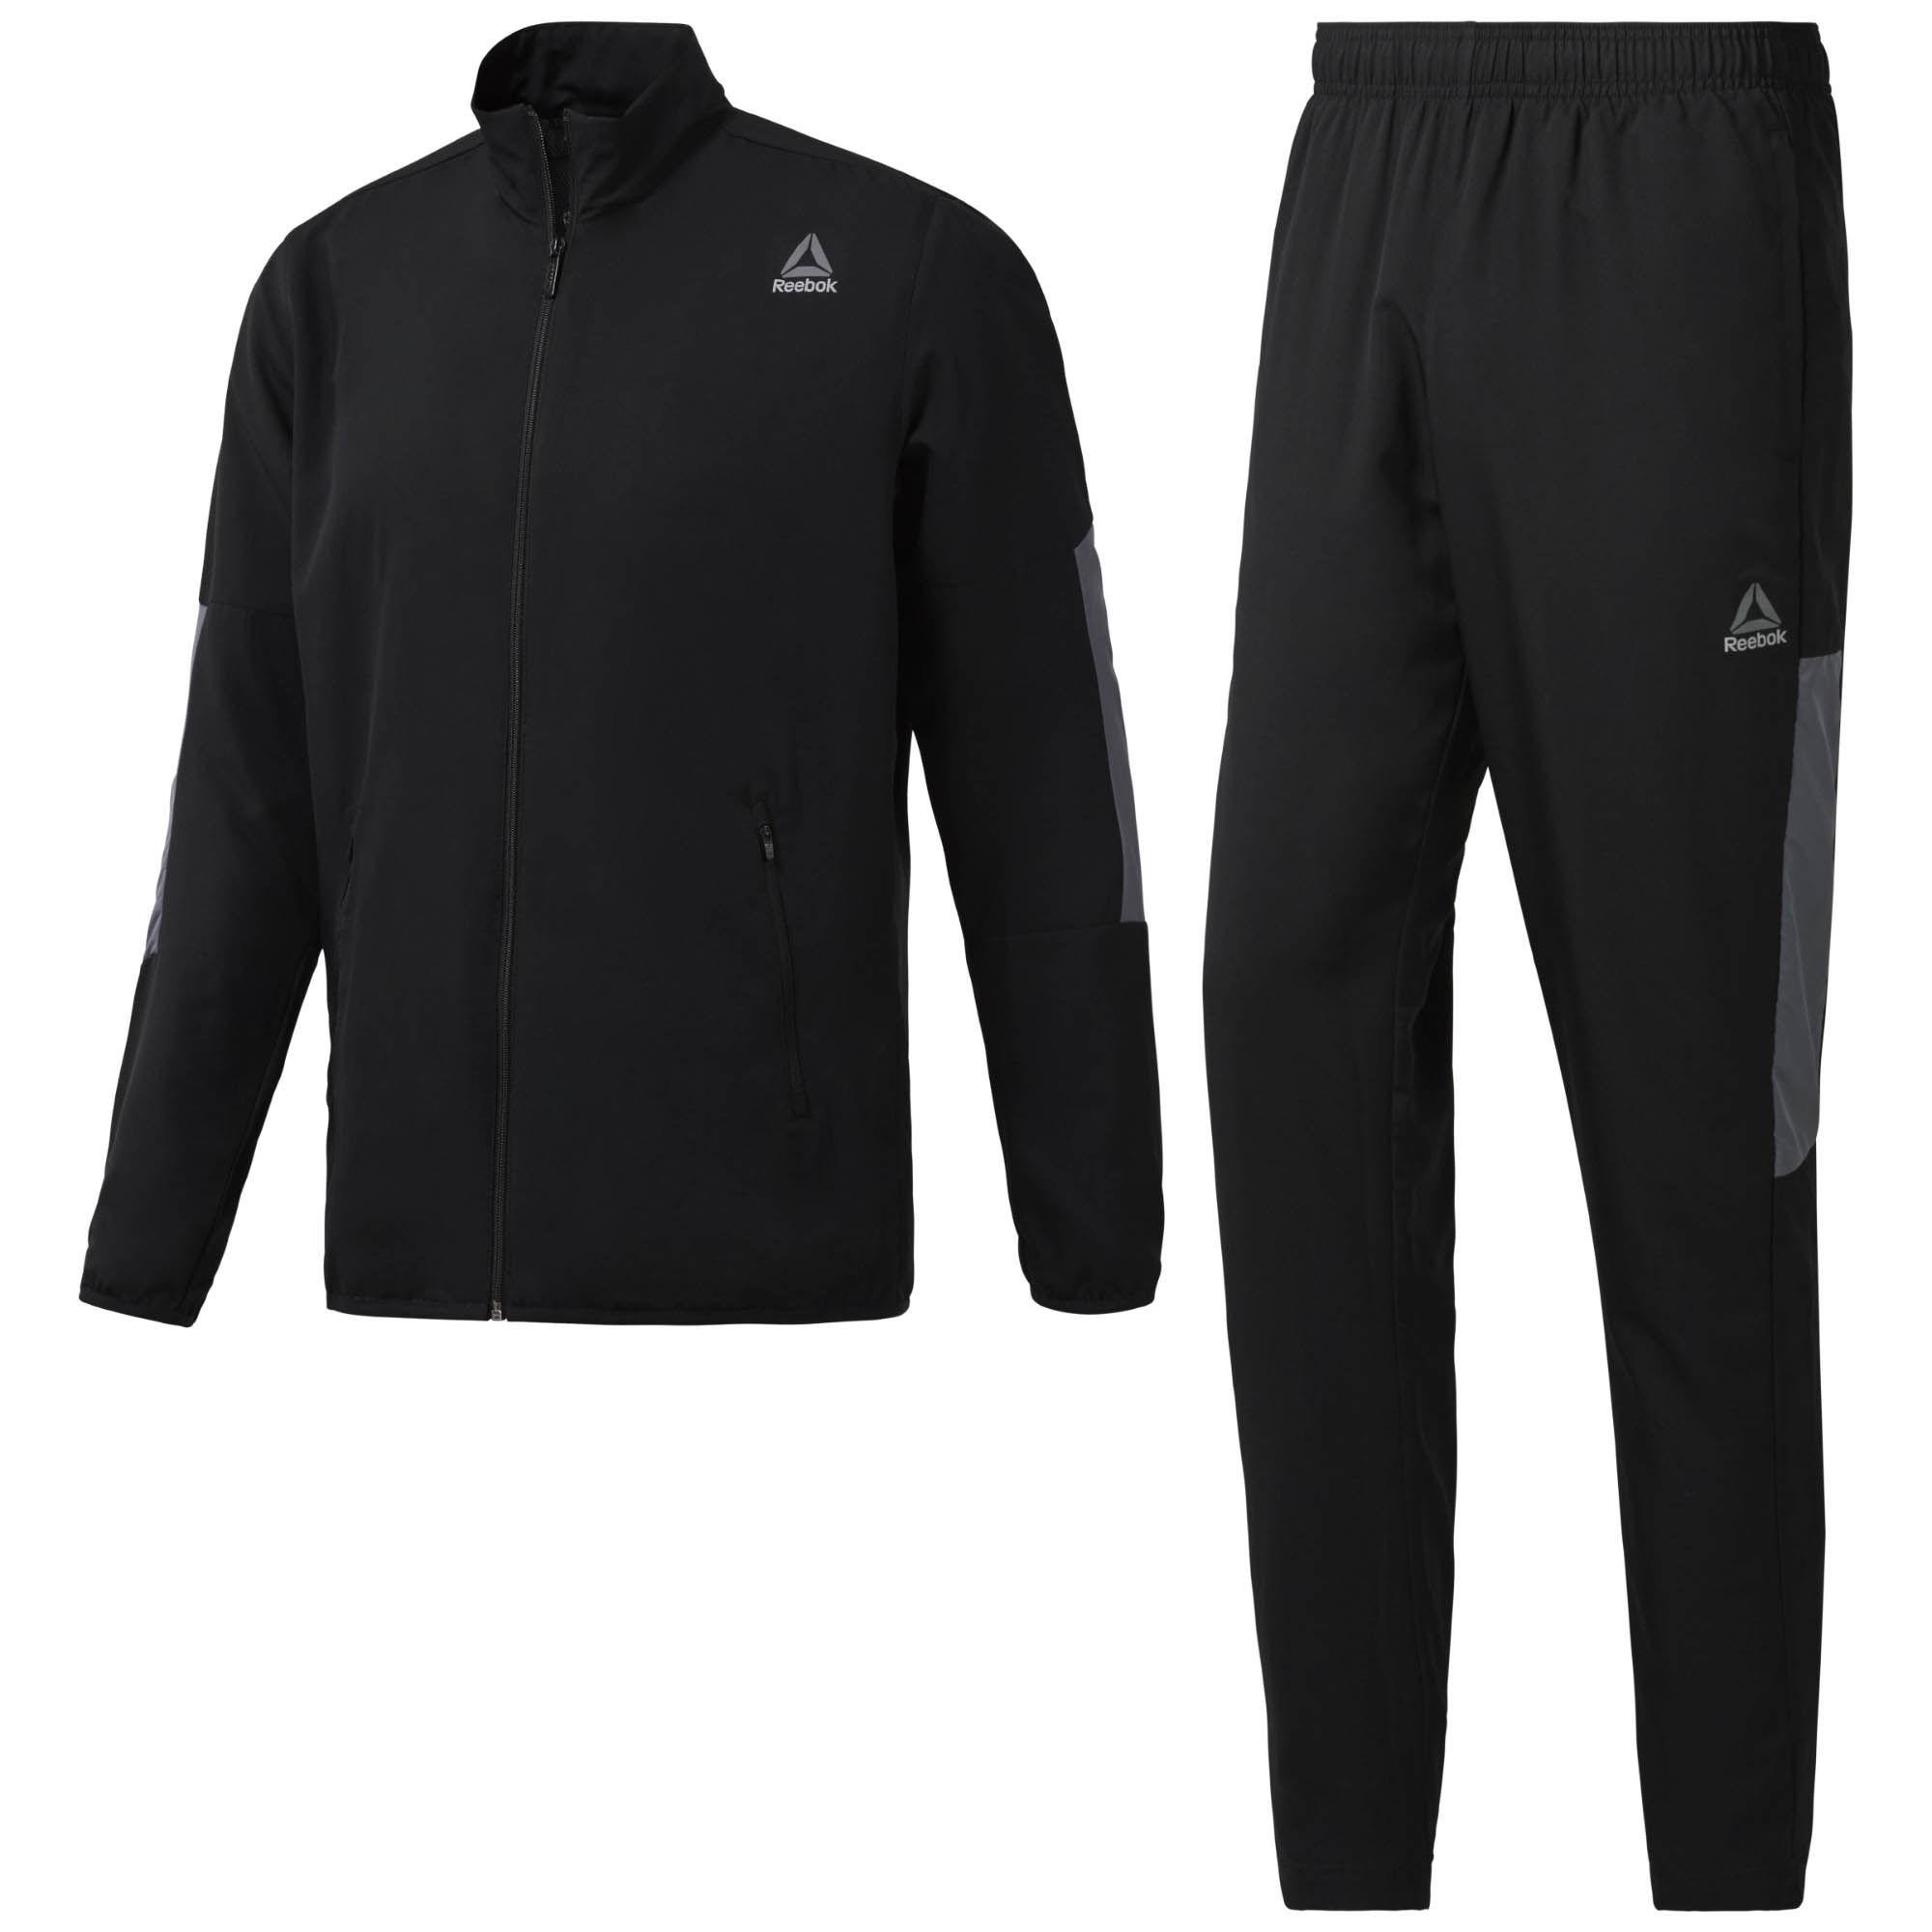 Спортивный костюм мужской Reebok Ts Techy Woven, цвет: черный. BQ5806. Размер XL (56/58)